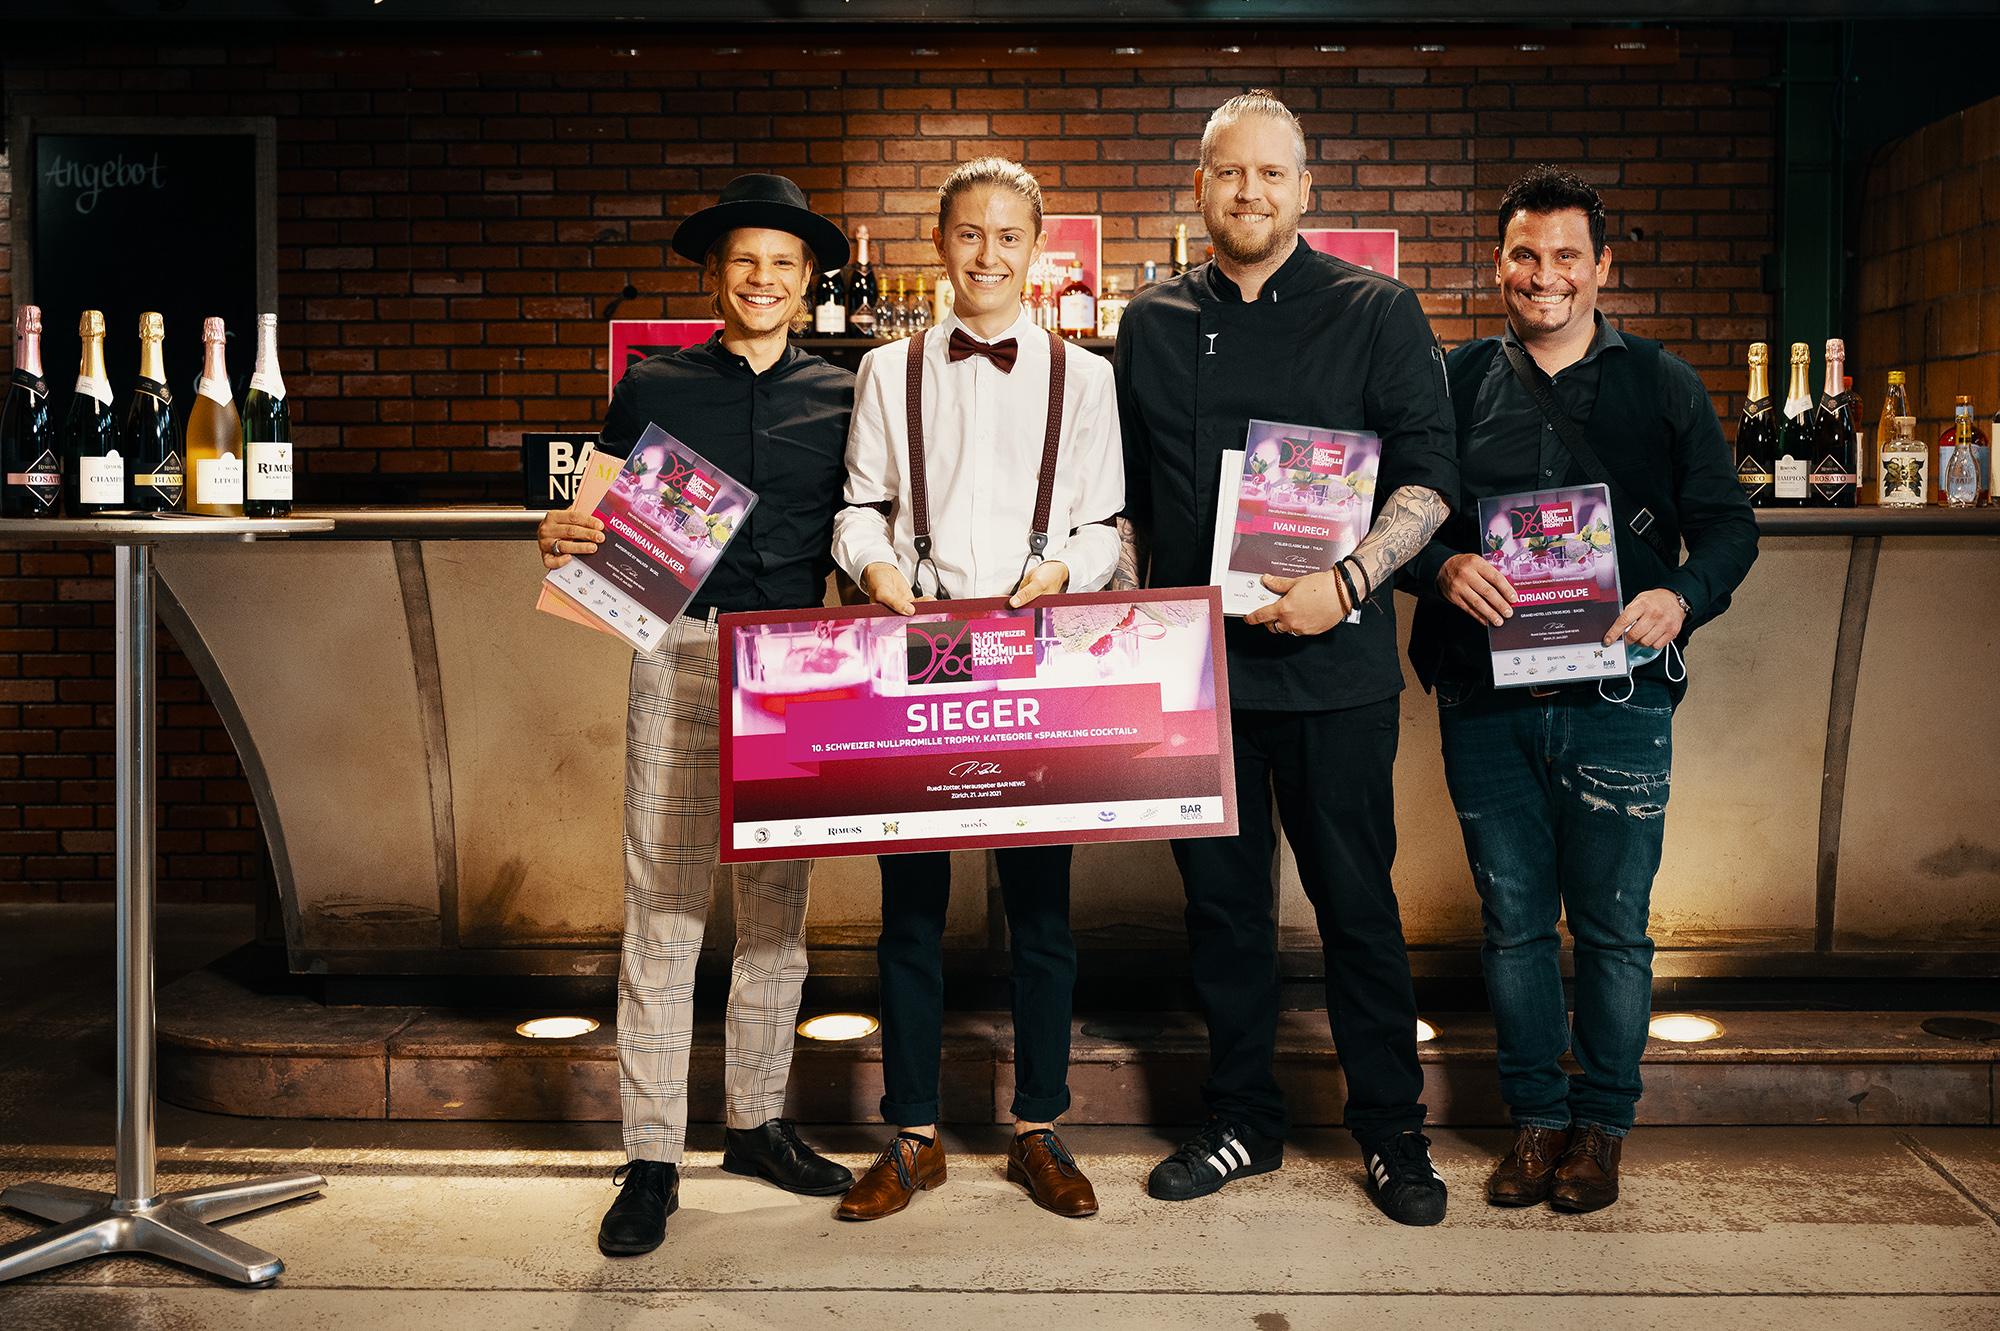 Die Sieger der Null Promille Trophy 2021 in der Kategorie Sparkling, gesponsert von Rimuss